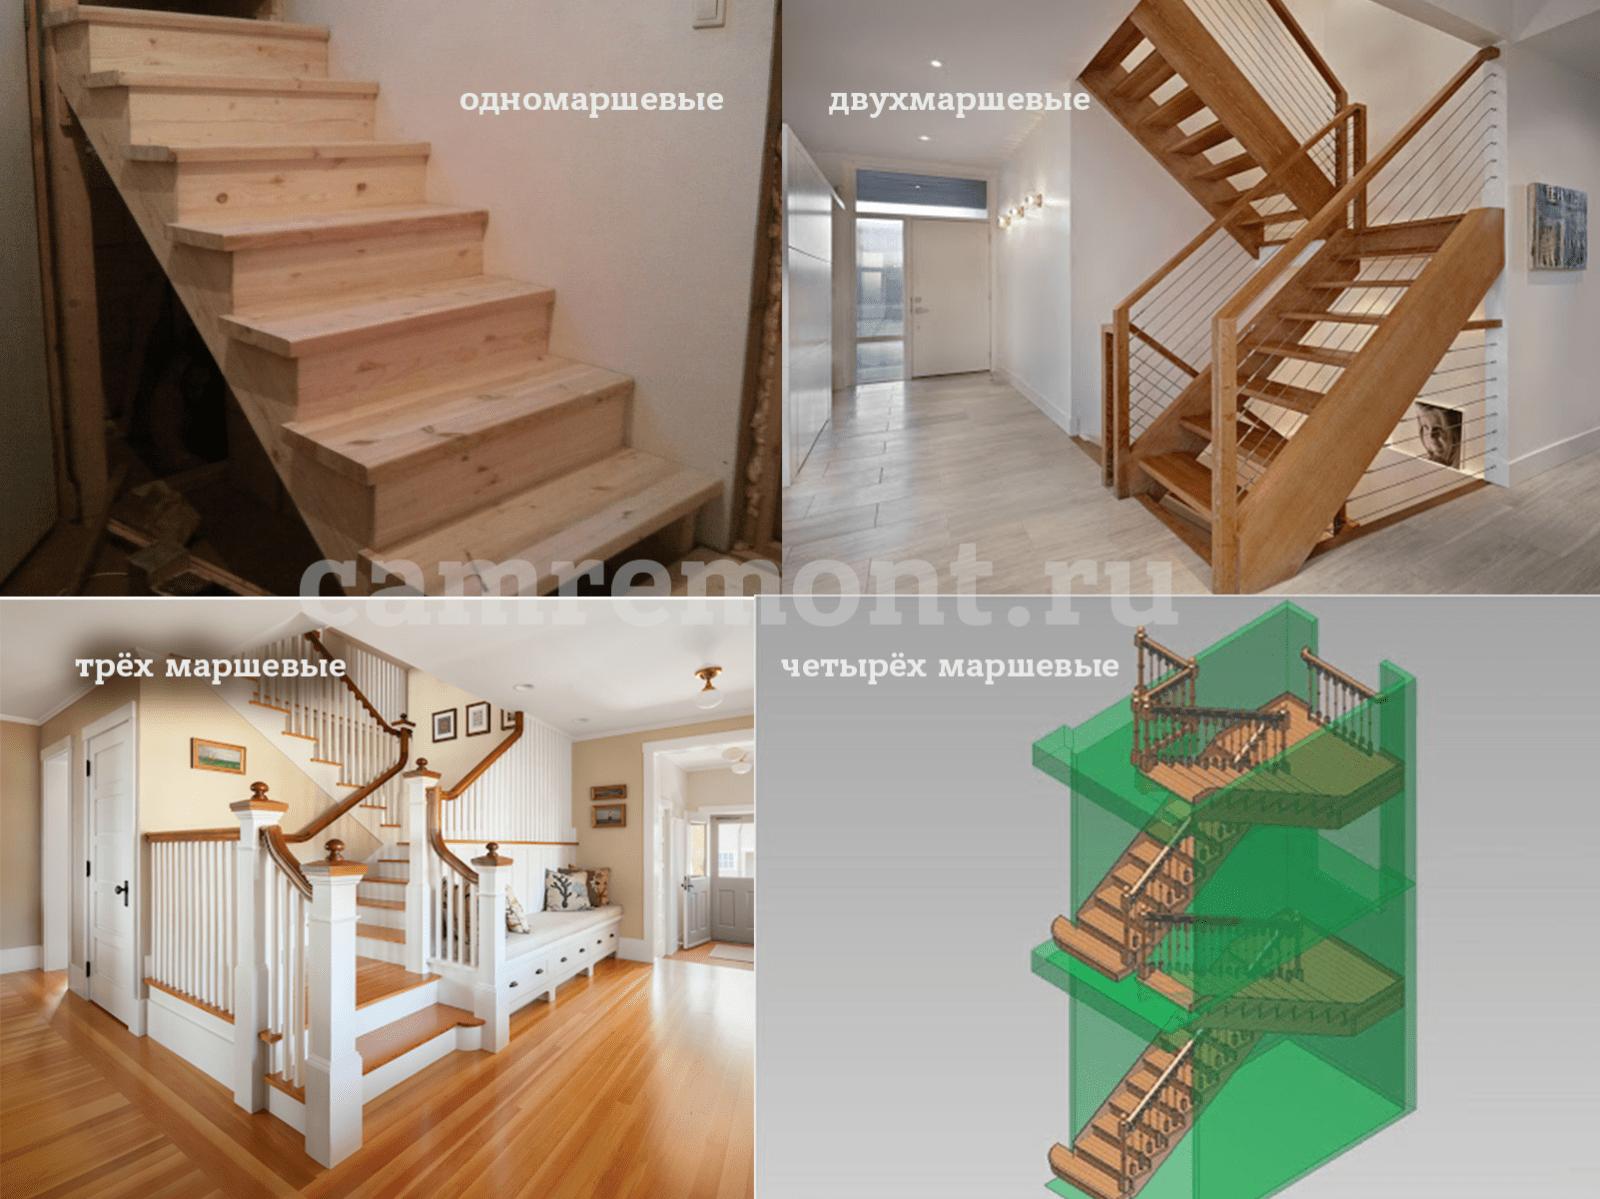 Варианты одномаршевых, двухмаршевых, трёхмаршевых и четырехмаршевых лестниц